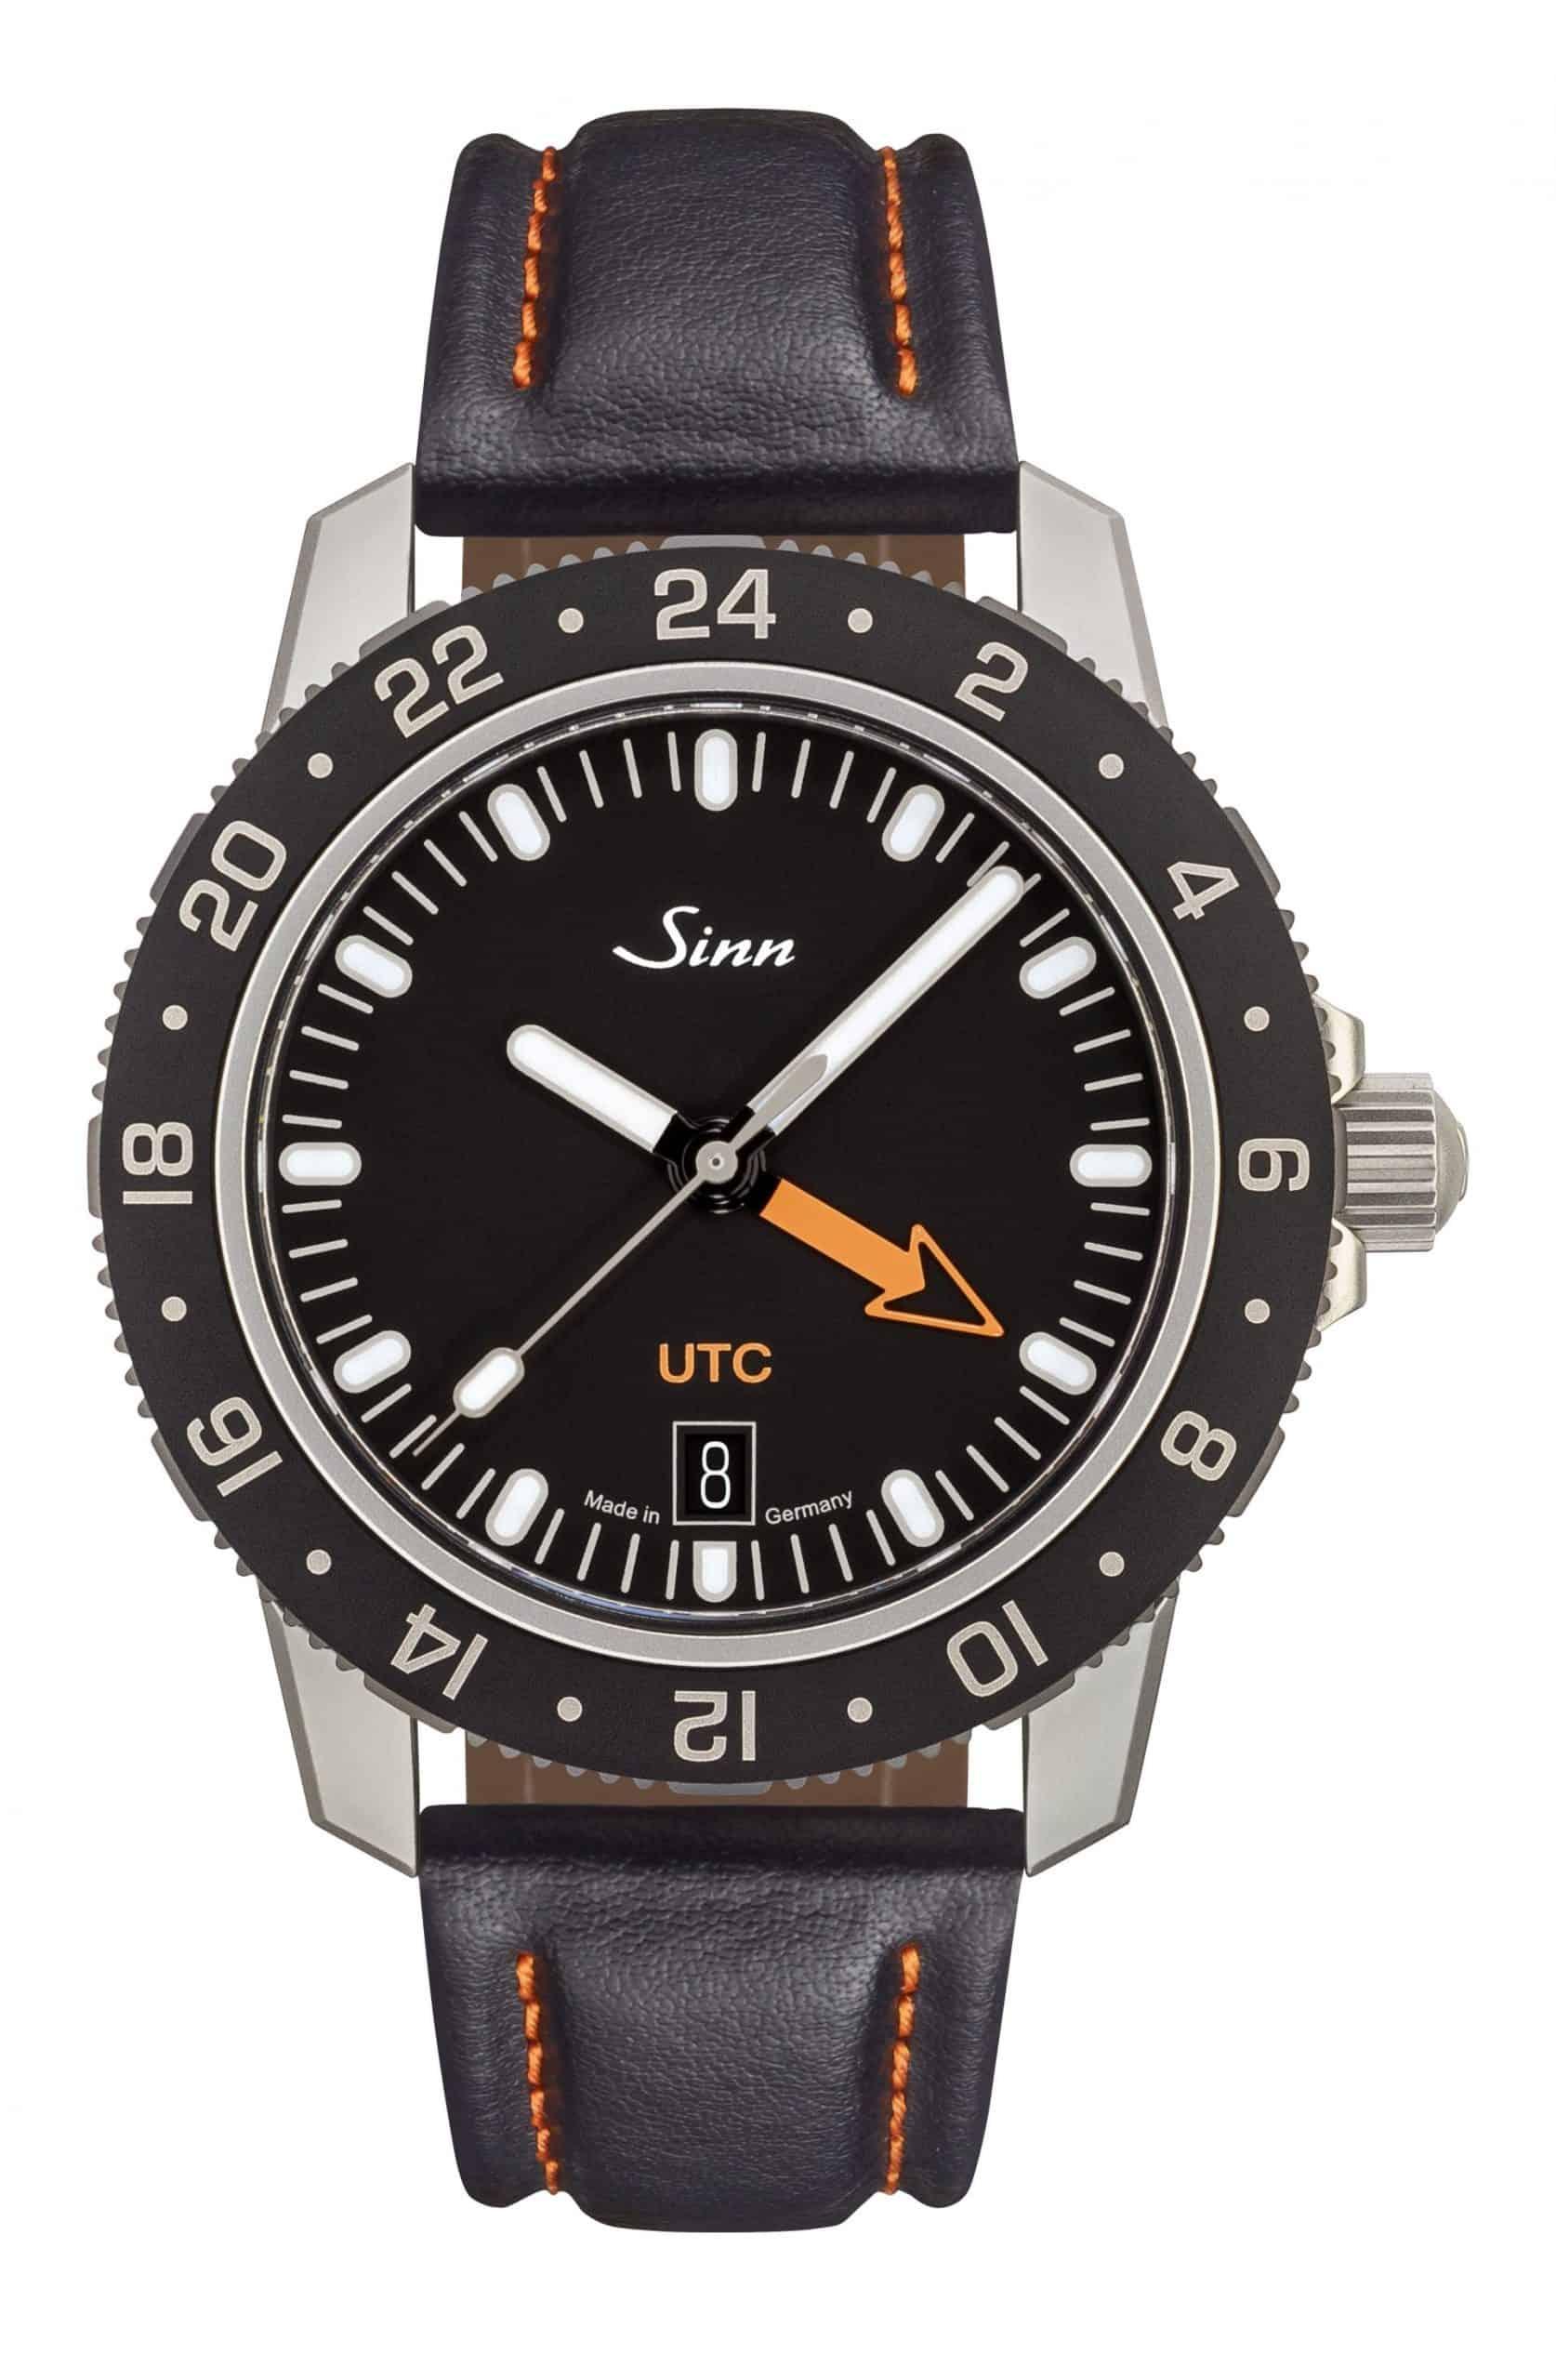 Die Sinn 105 St Sa UTC mit Lederband kostet 1.590 Euro